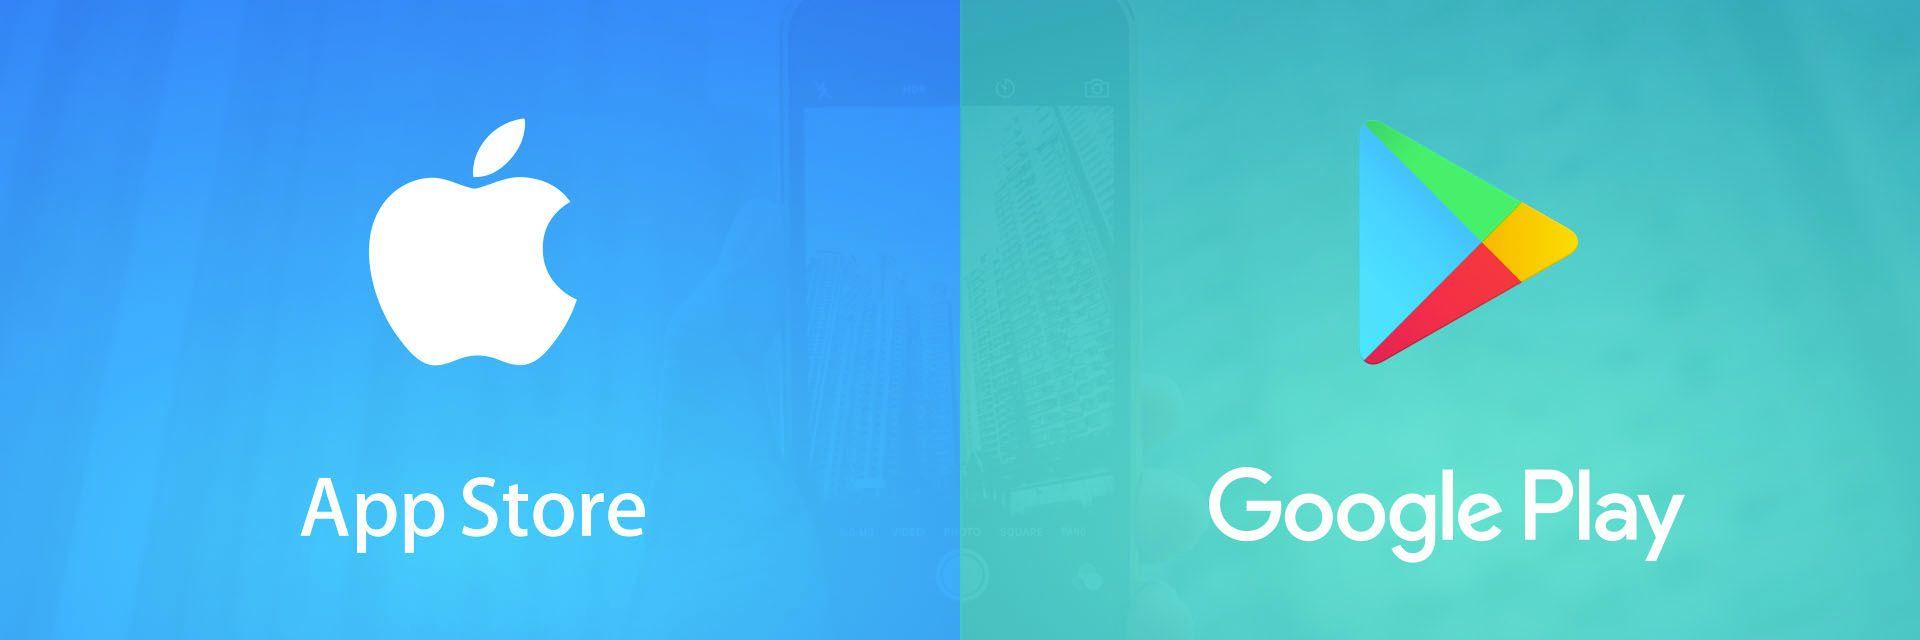 روکیدا - اندروید یا آیفون؟ کدام برای من مناسب تر است؟ - اندروید, اپل